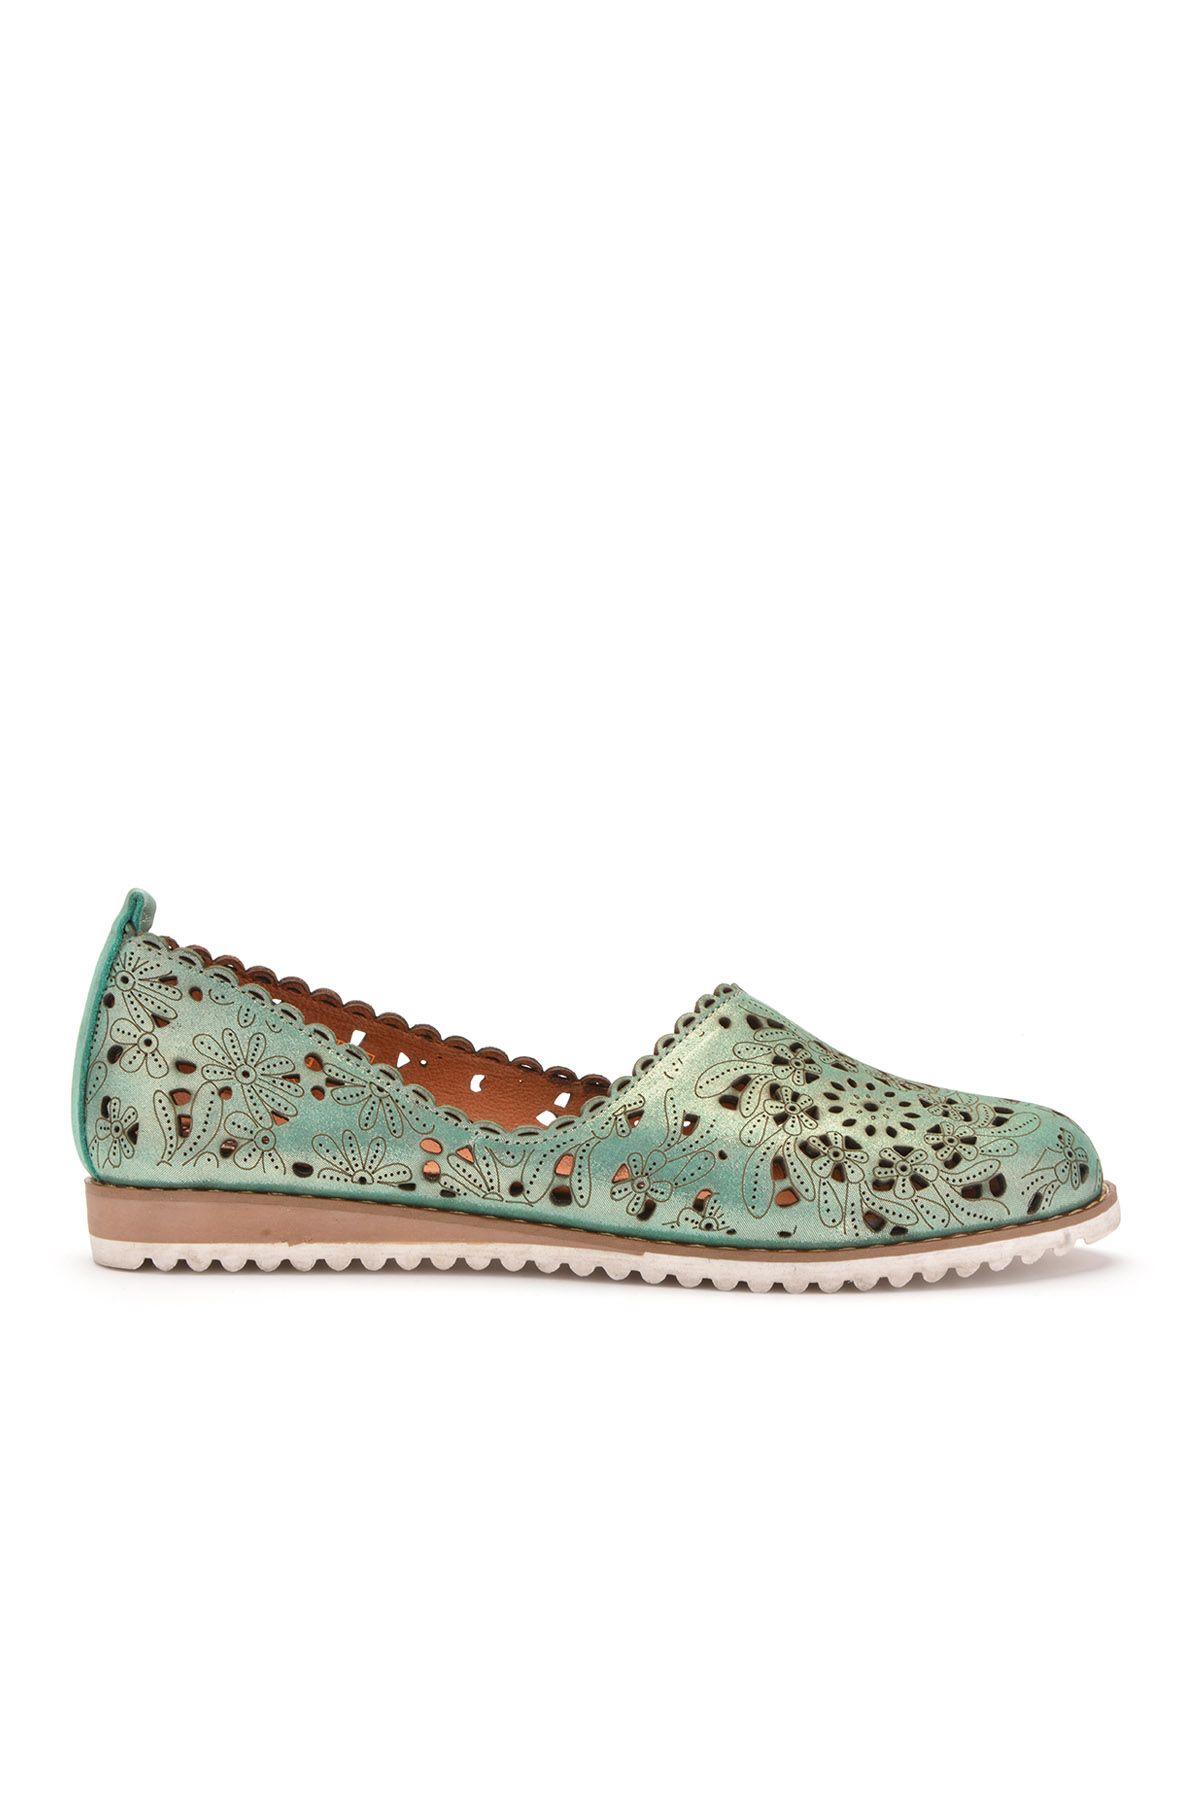 Pegia Открытая Женская Обувь Из Натуральной Кожи REC-141 Зеленый